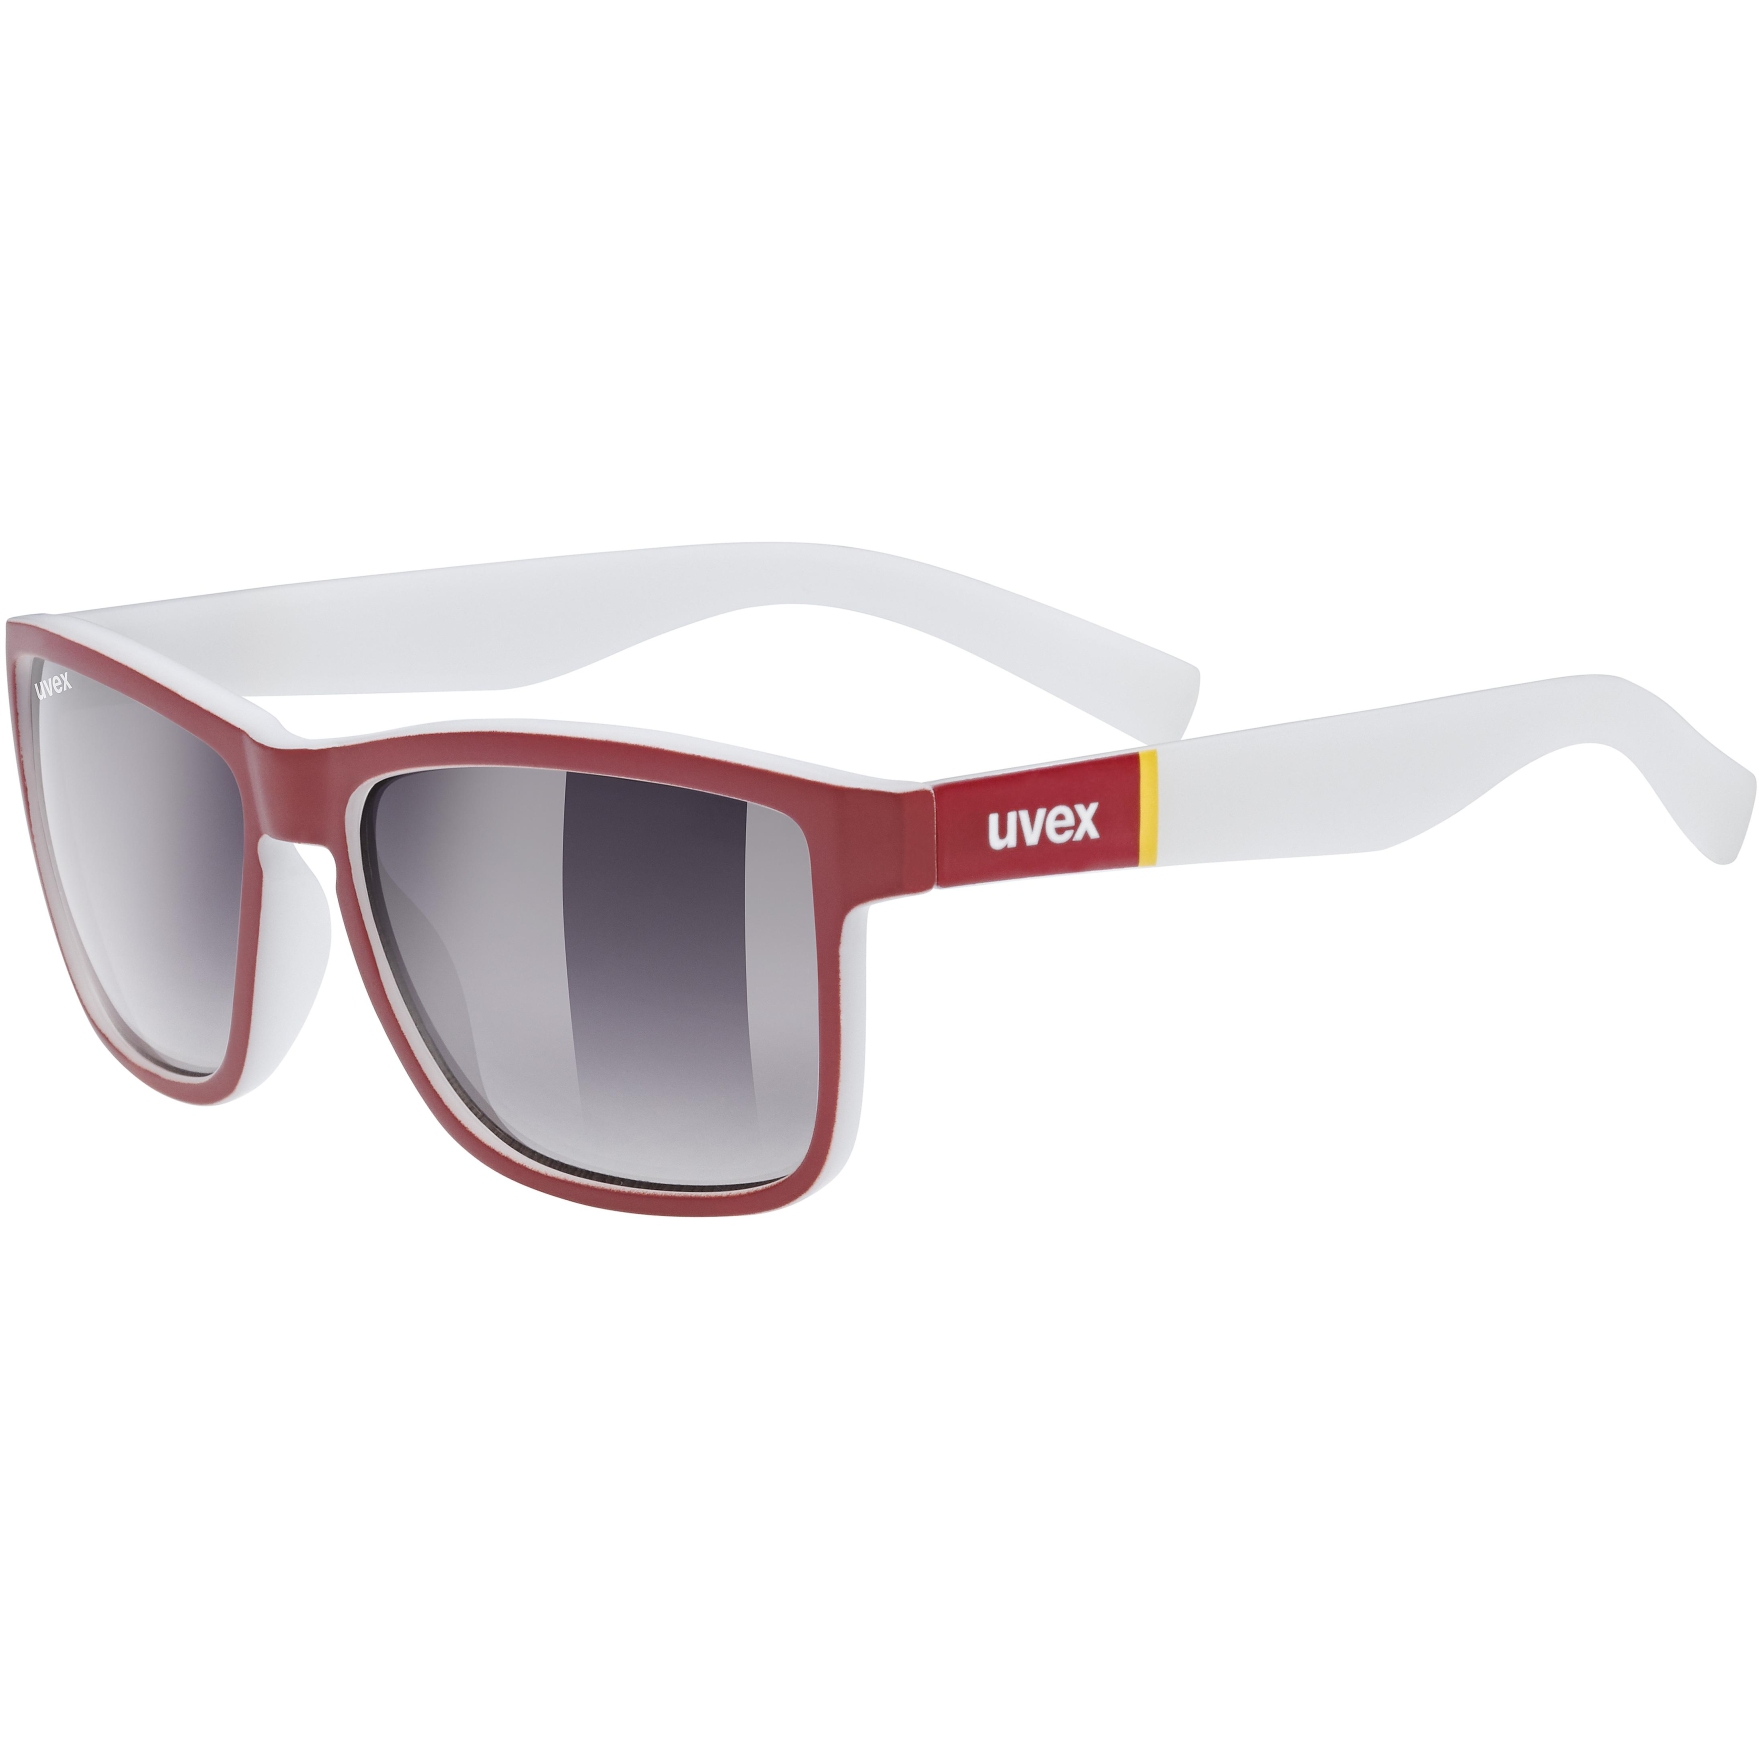 Uvex lgl 39 Glasses - red mat/litemirror silver deg.